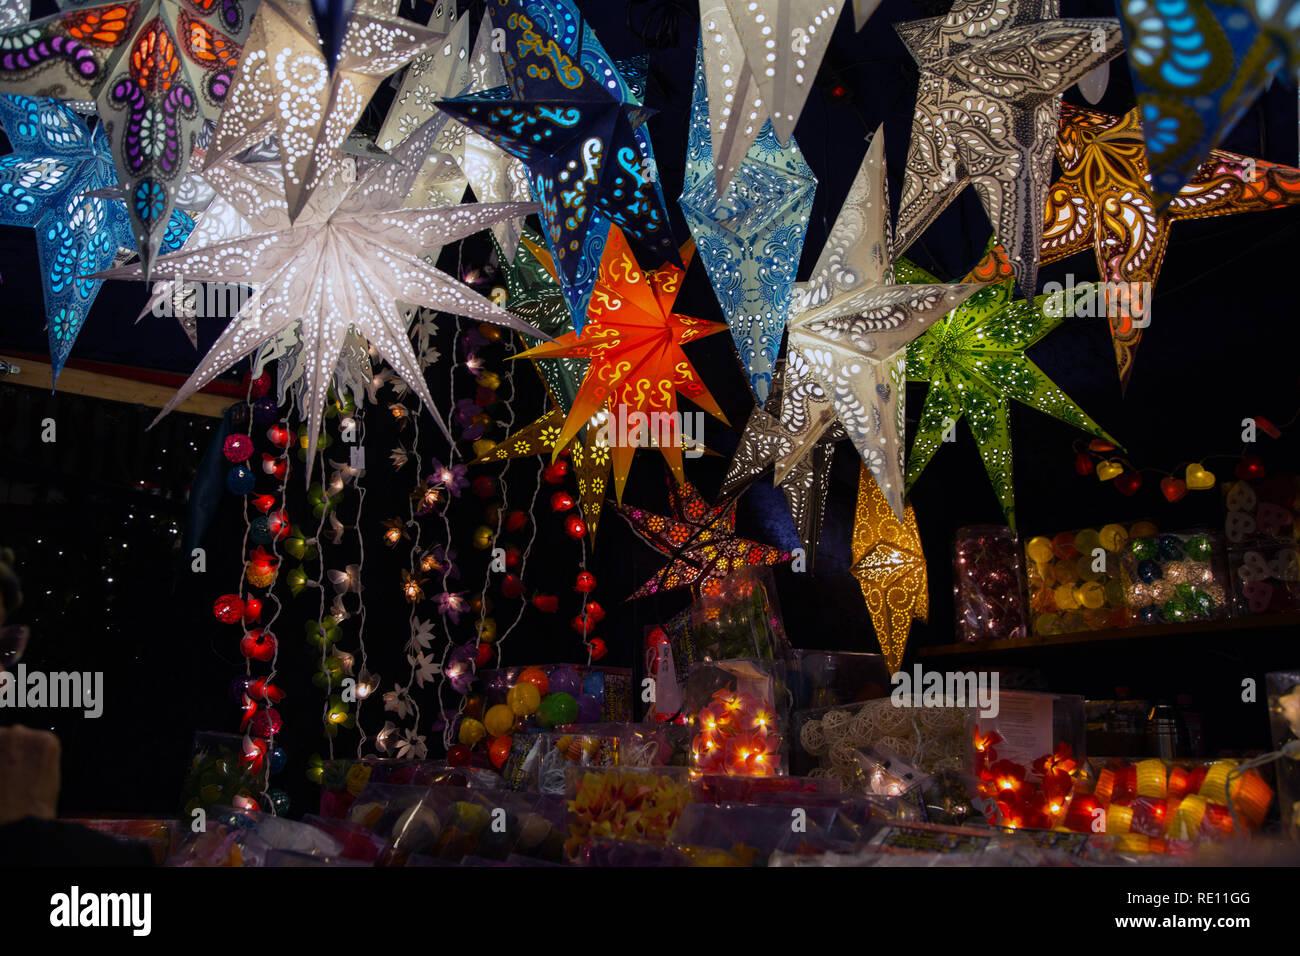 Papiersterne Weihnachtsbeleuchtung.Bunte Papiersterne Und Weihnachtsbeleuchtung Angezeigt In Der Nacht